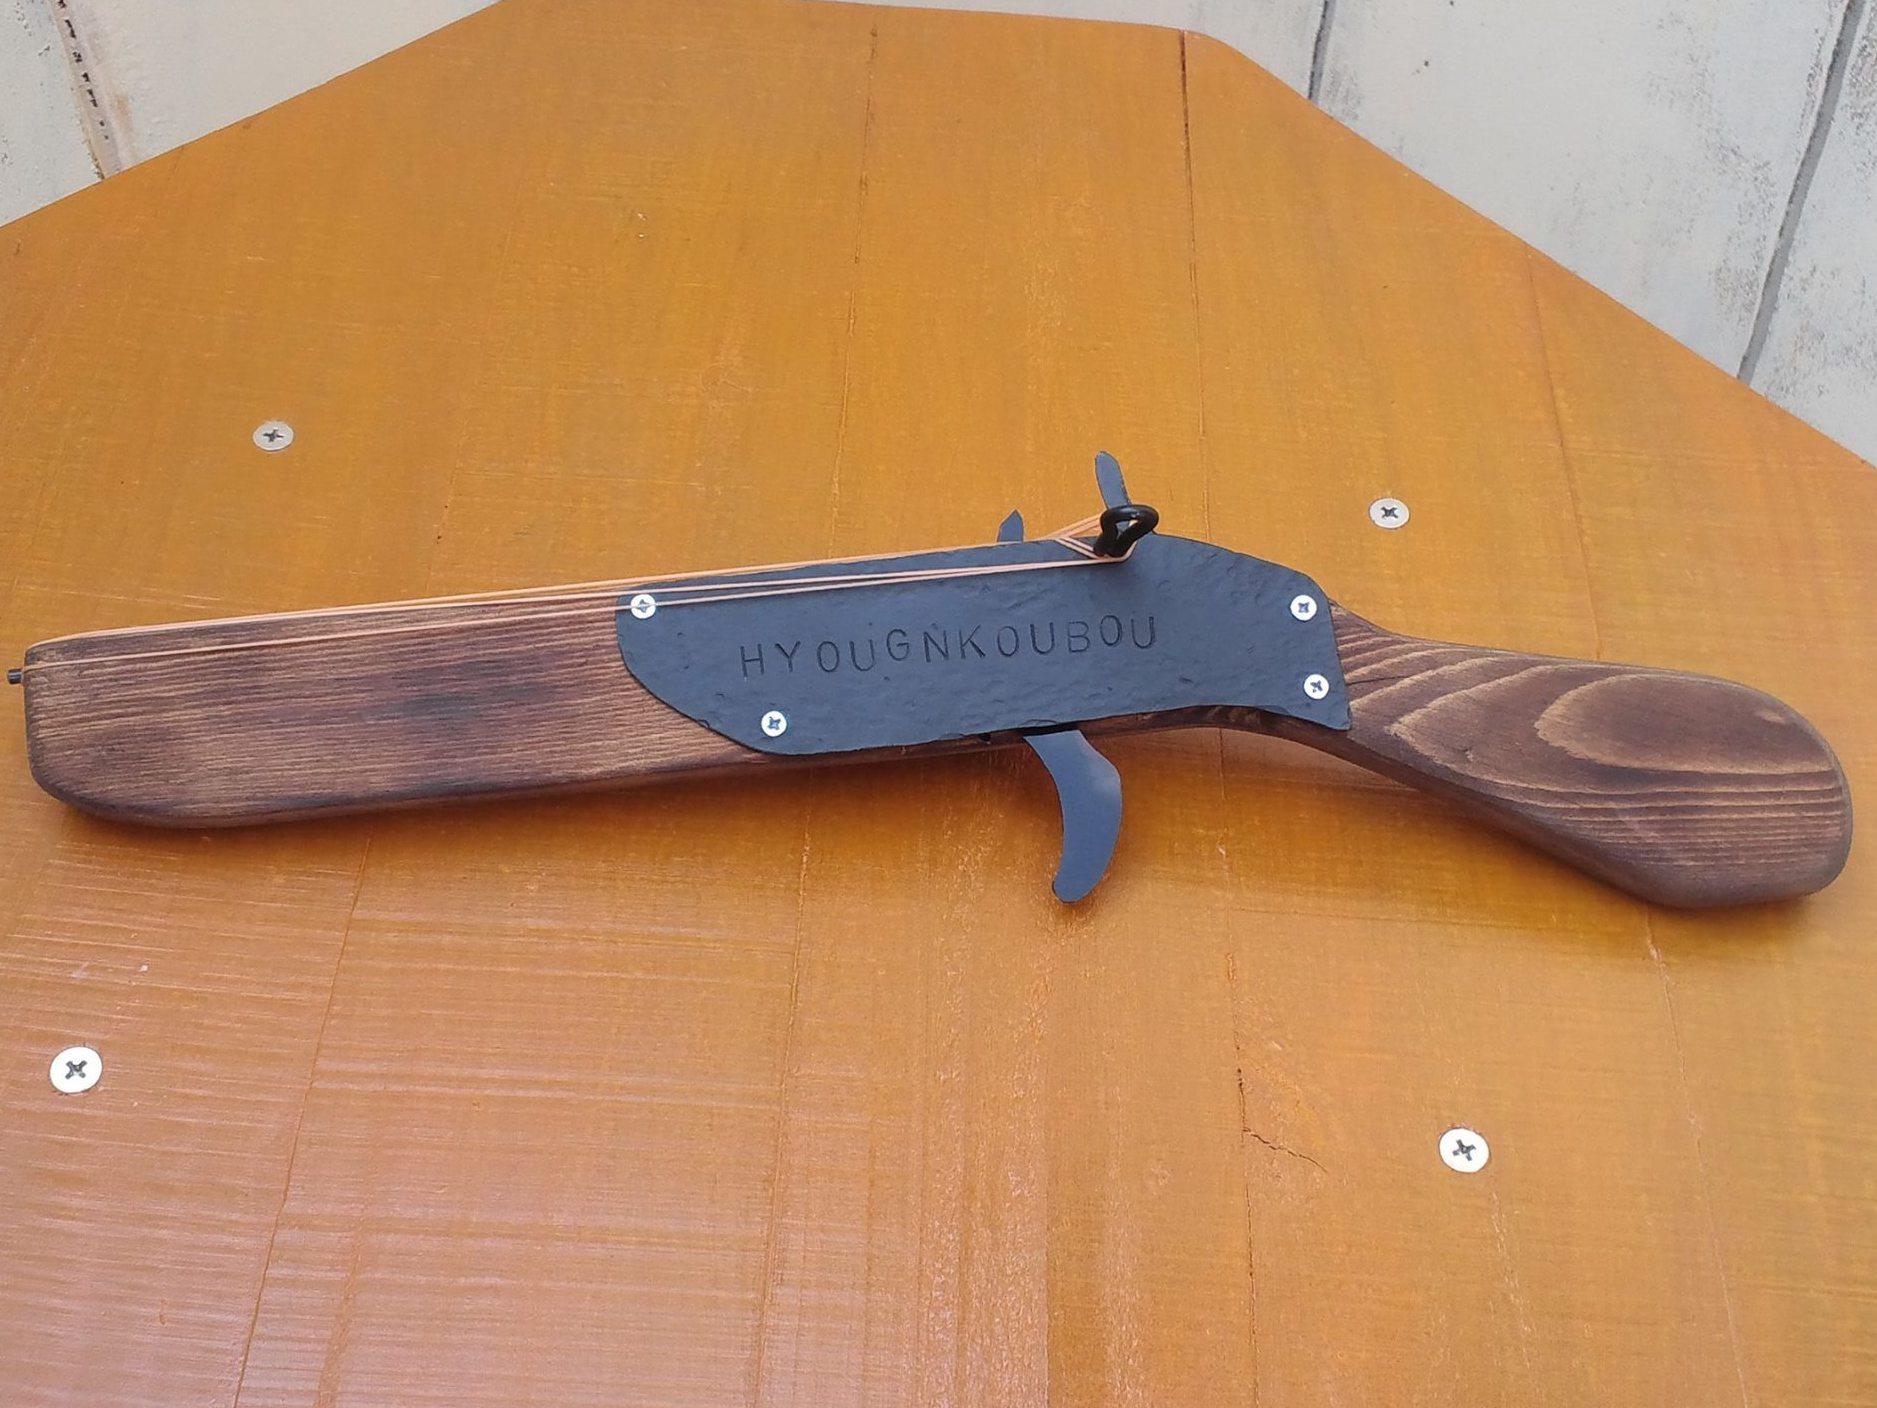 木と鉄を使って、本格ゴム鉄砲を作ろう!の画像